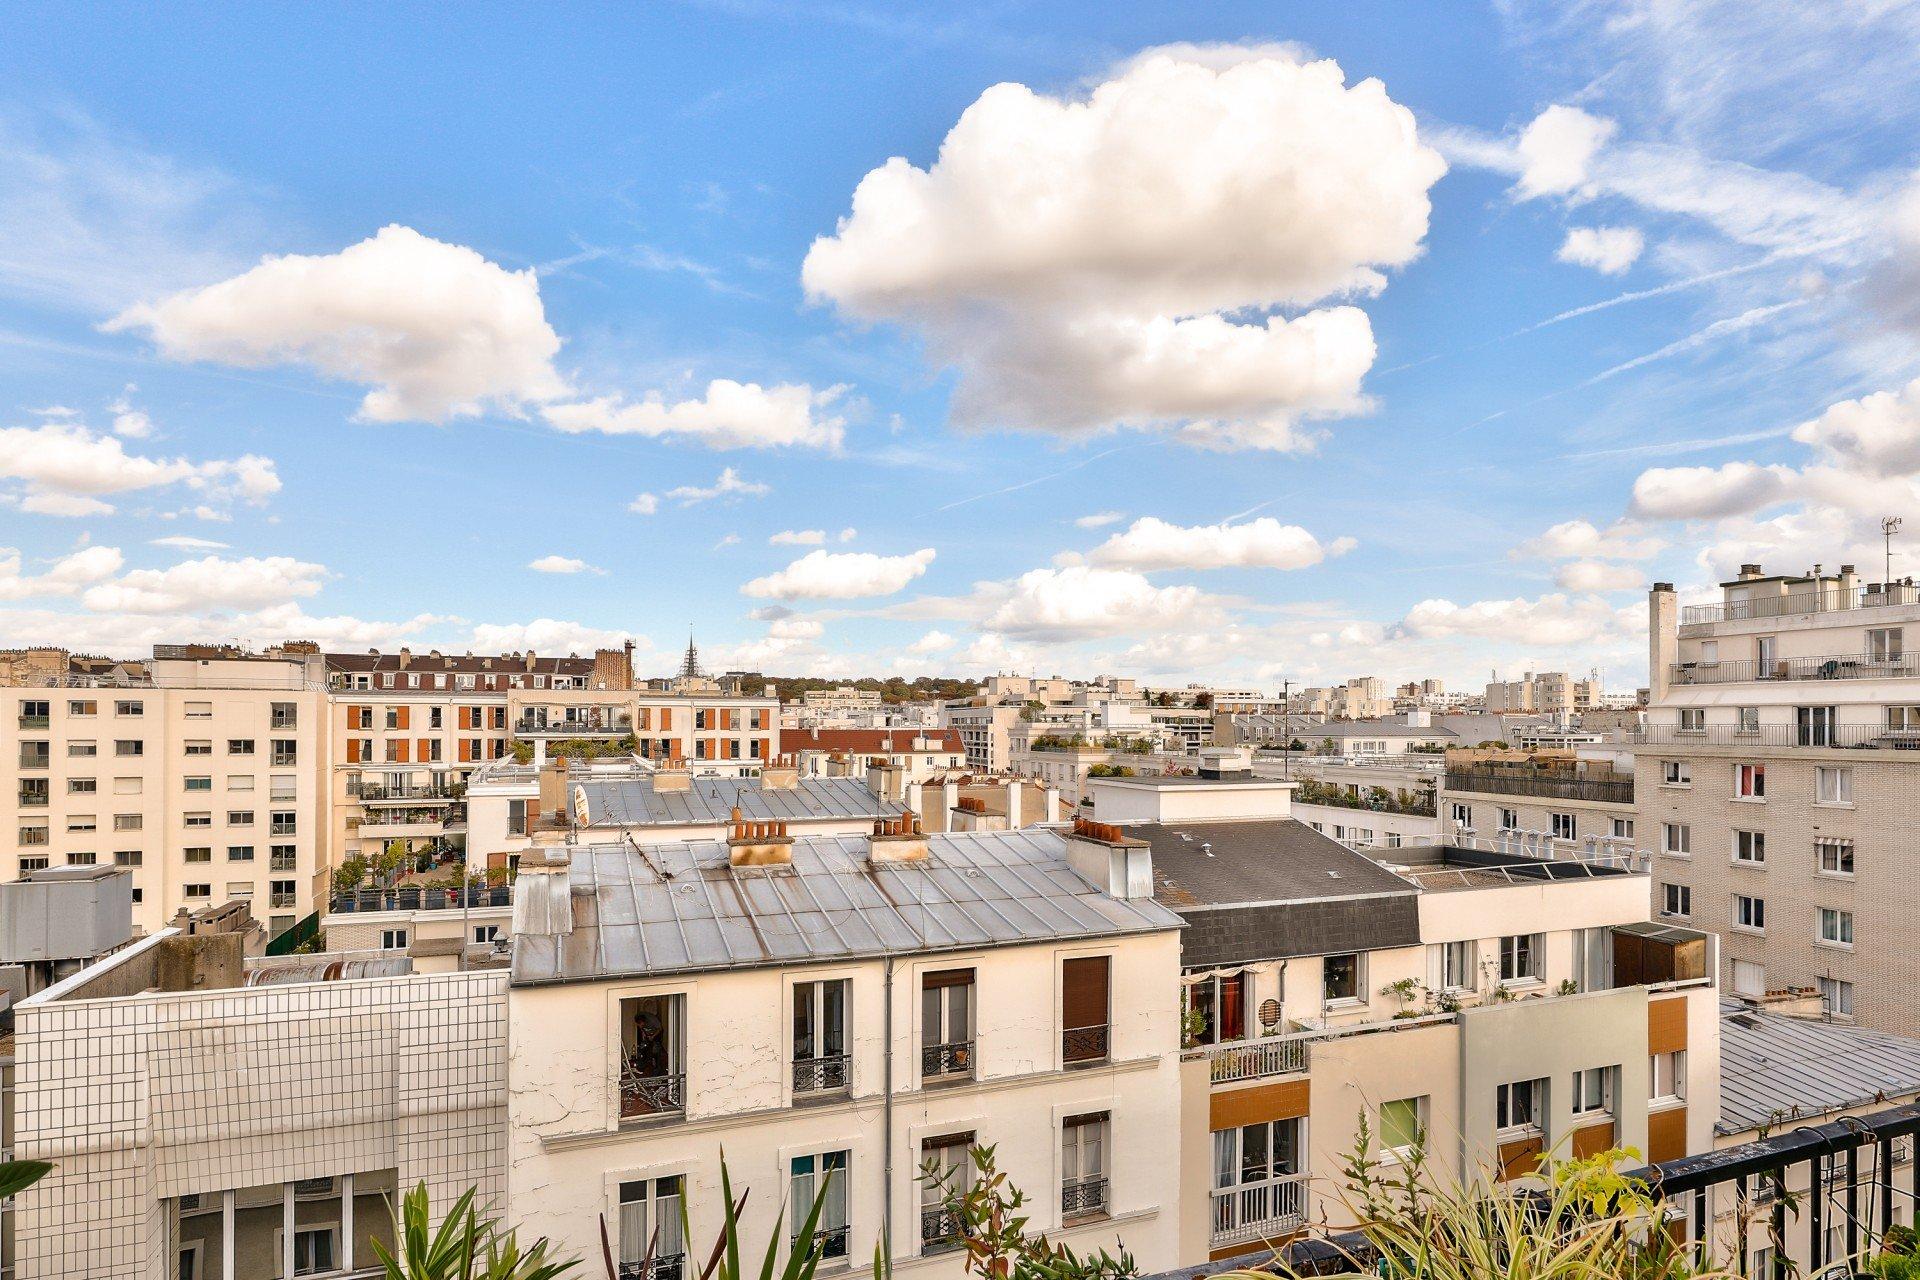 Paris - XI ème - ENTRE LES SQUARES DE LA GARDETTE ET DE LA ROQUETTE - M° Voltaire - 2 Pièces - TRAVERSANT - TERRASSE - DERNIER ÉTAGE ASCENSEUR - AUCUN VIS-À-VIS - VUE CIEL ET TOITS - SOLEIL .